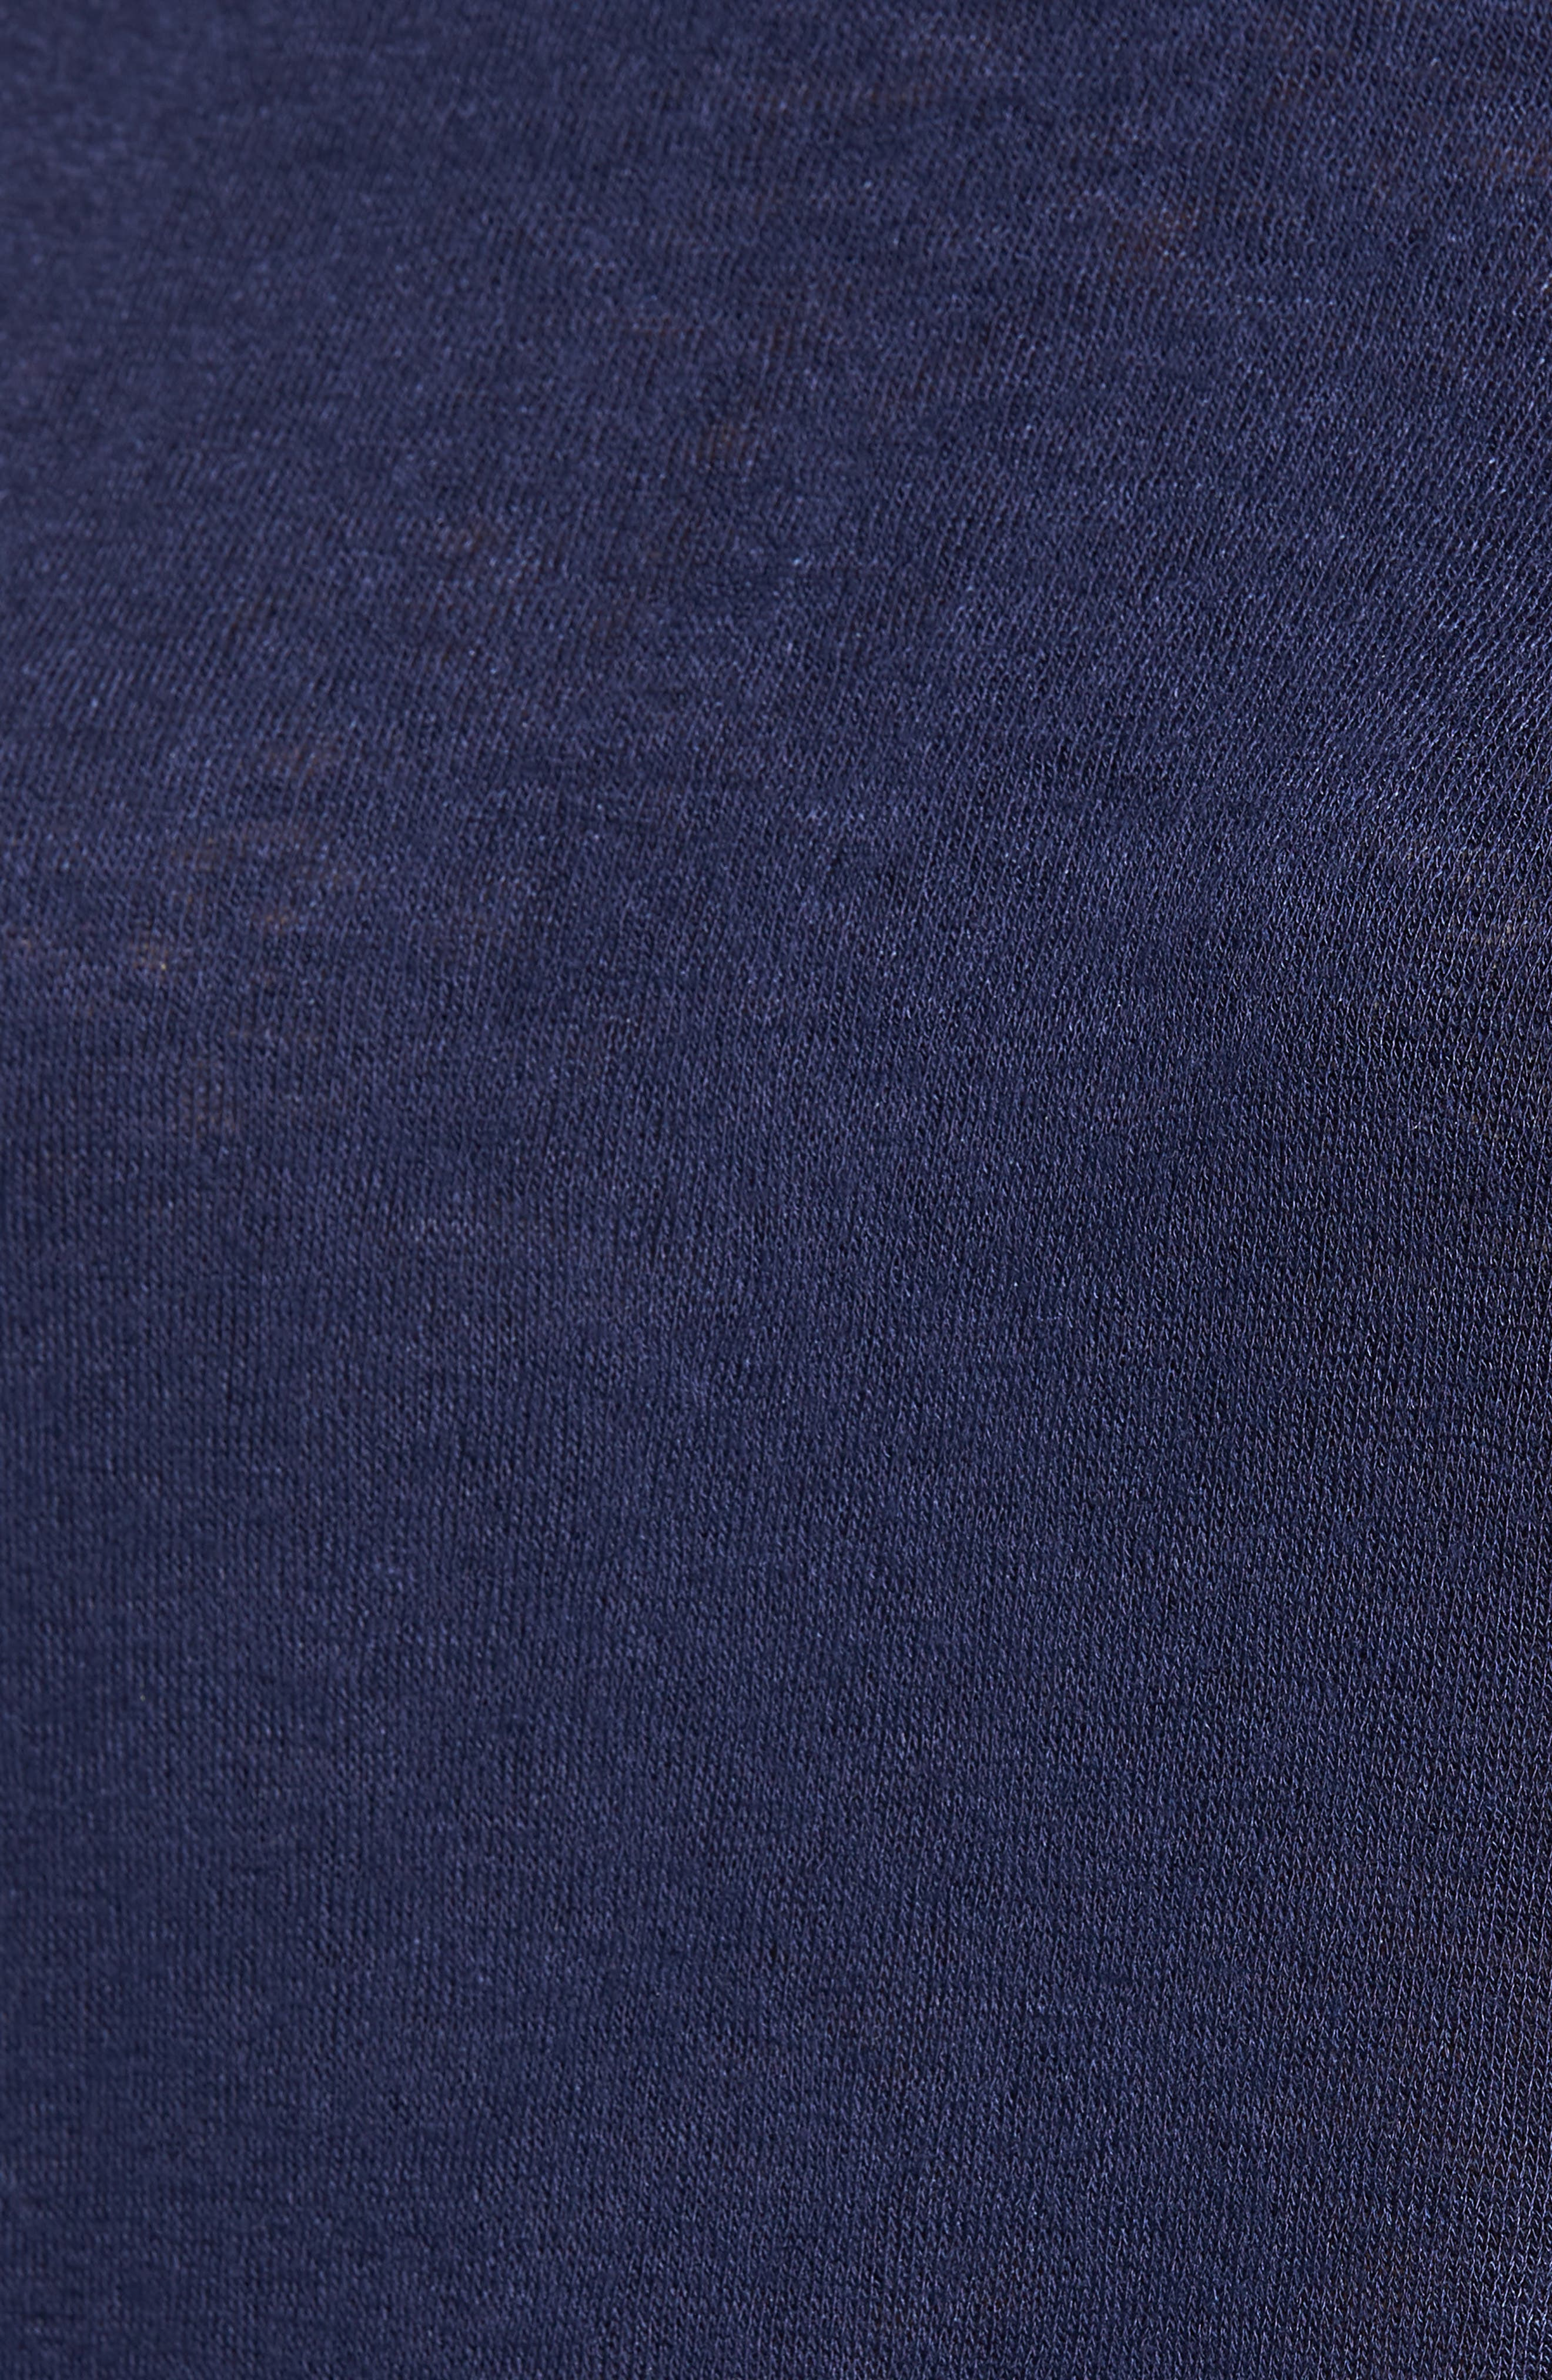 Tuck Sleeve Sweatshirt,                             Alternate thumbnail 29, color,